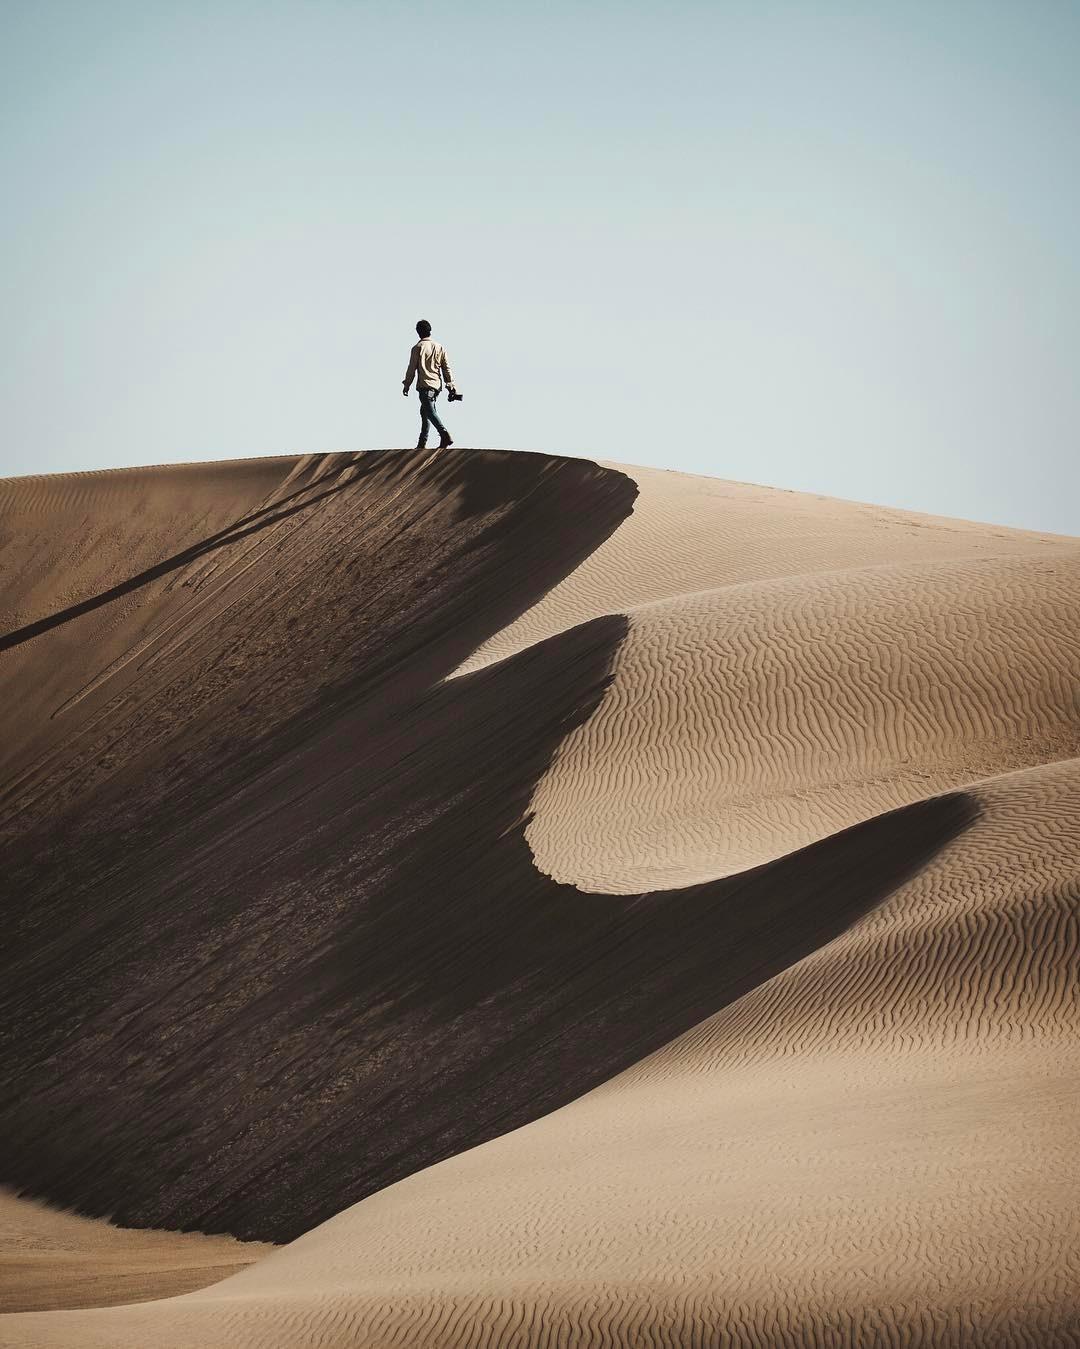 Путешествия и приключения от Джаррада Сенга